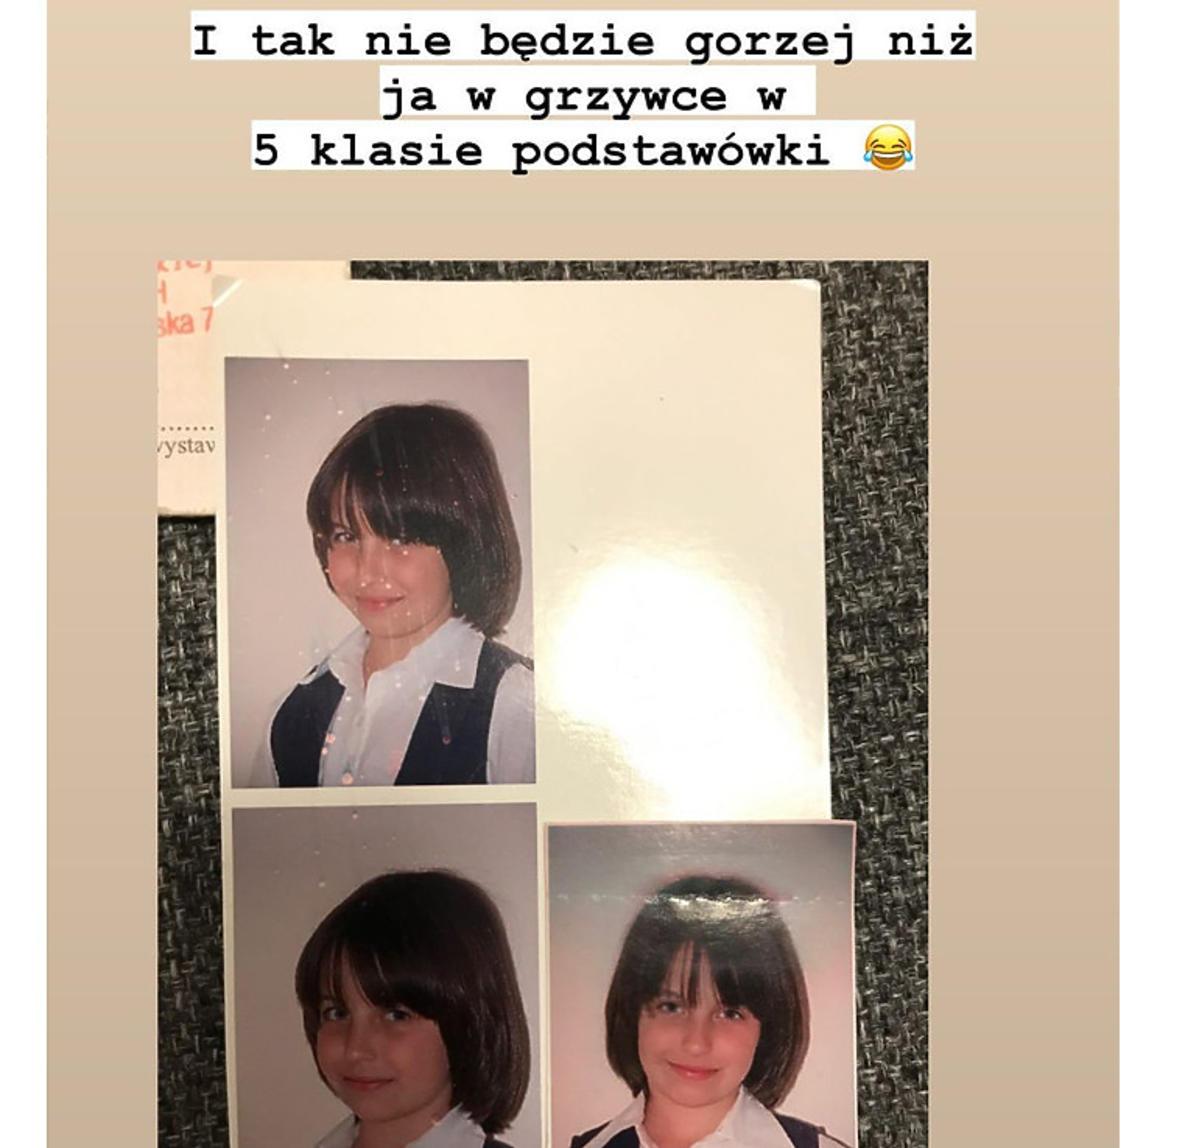 Julia Wieniawa pokazała zdjęcie z czasów podstawówki